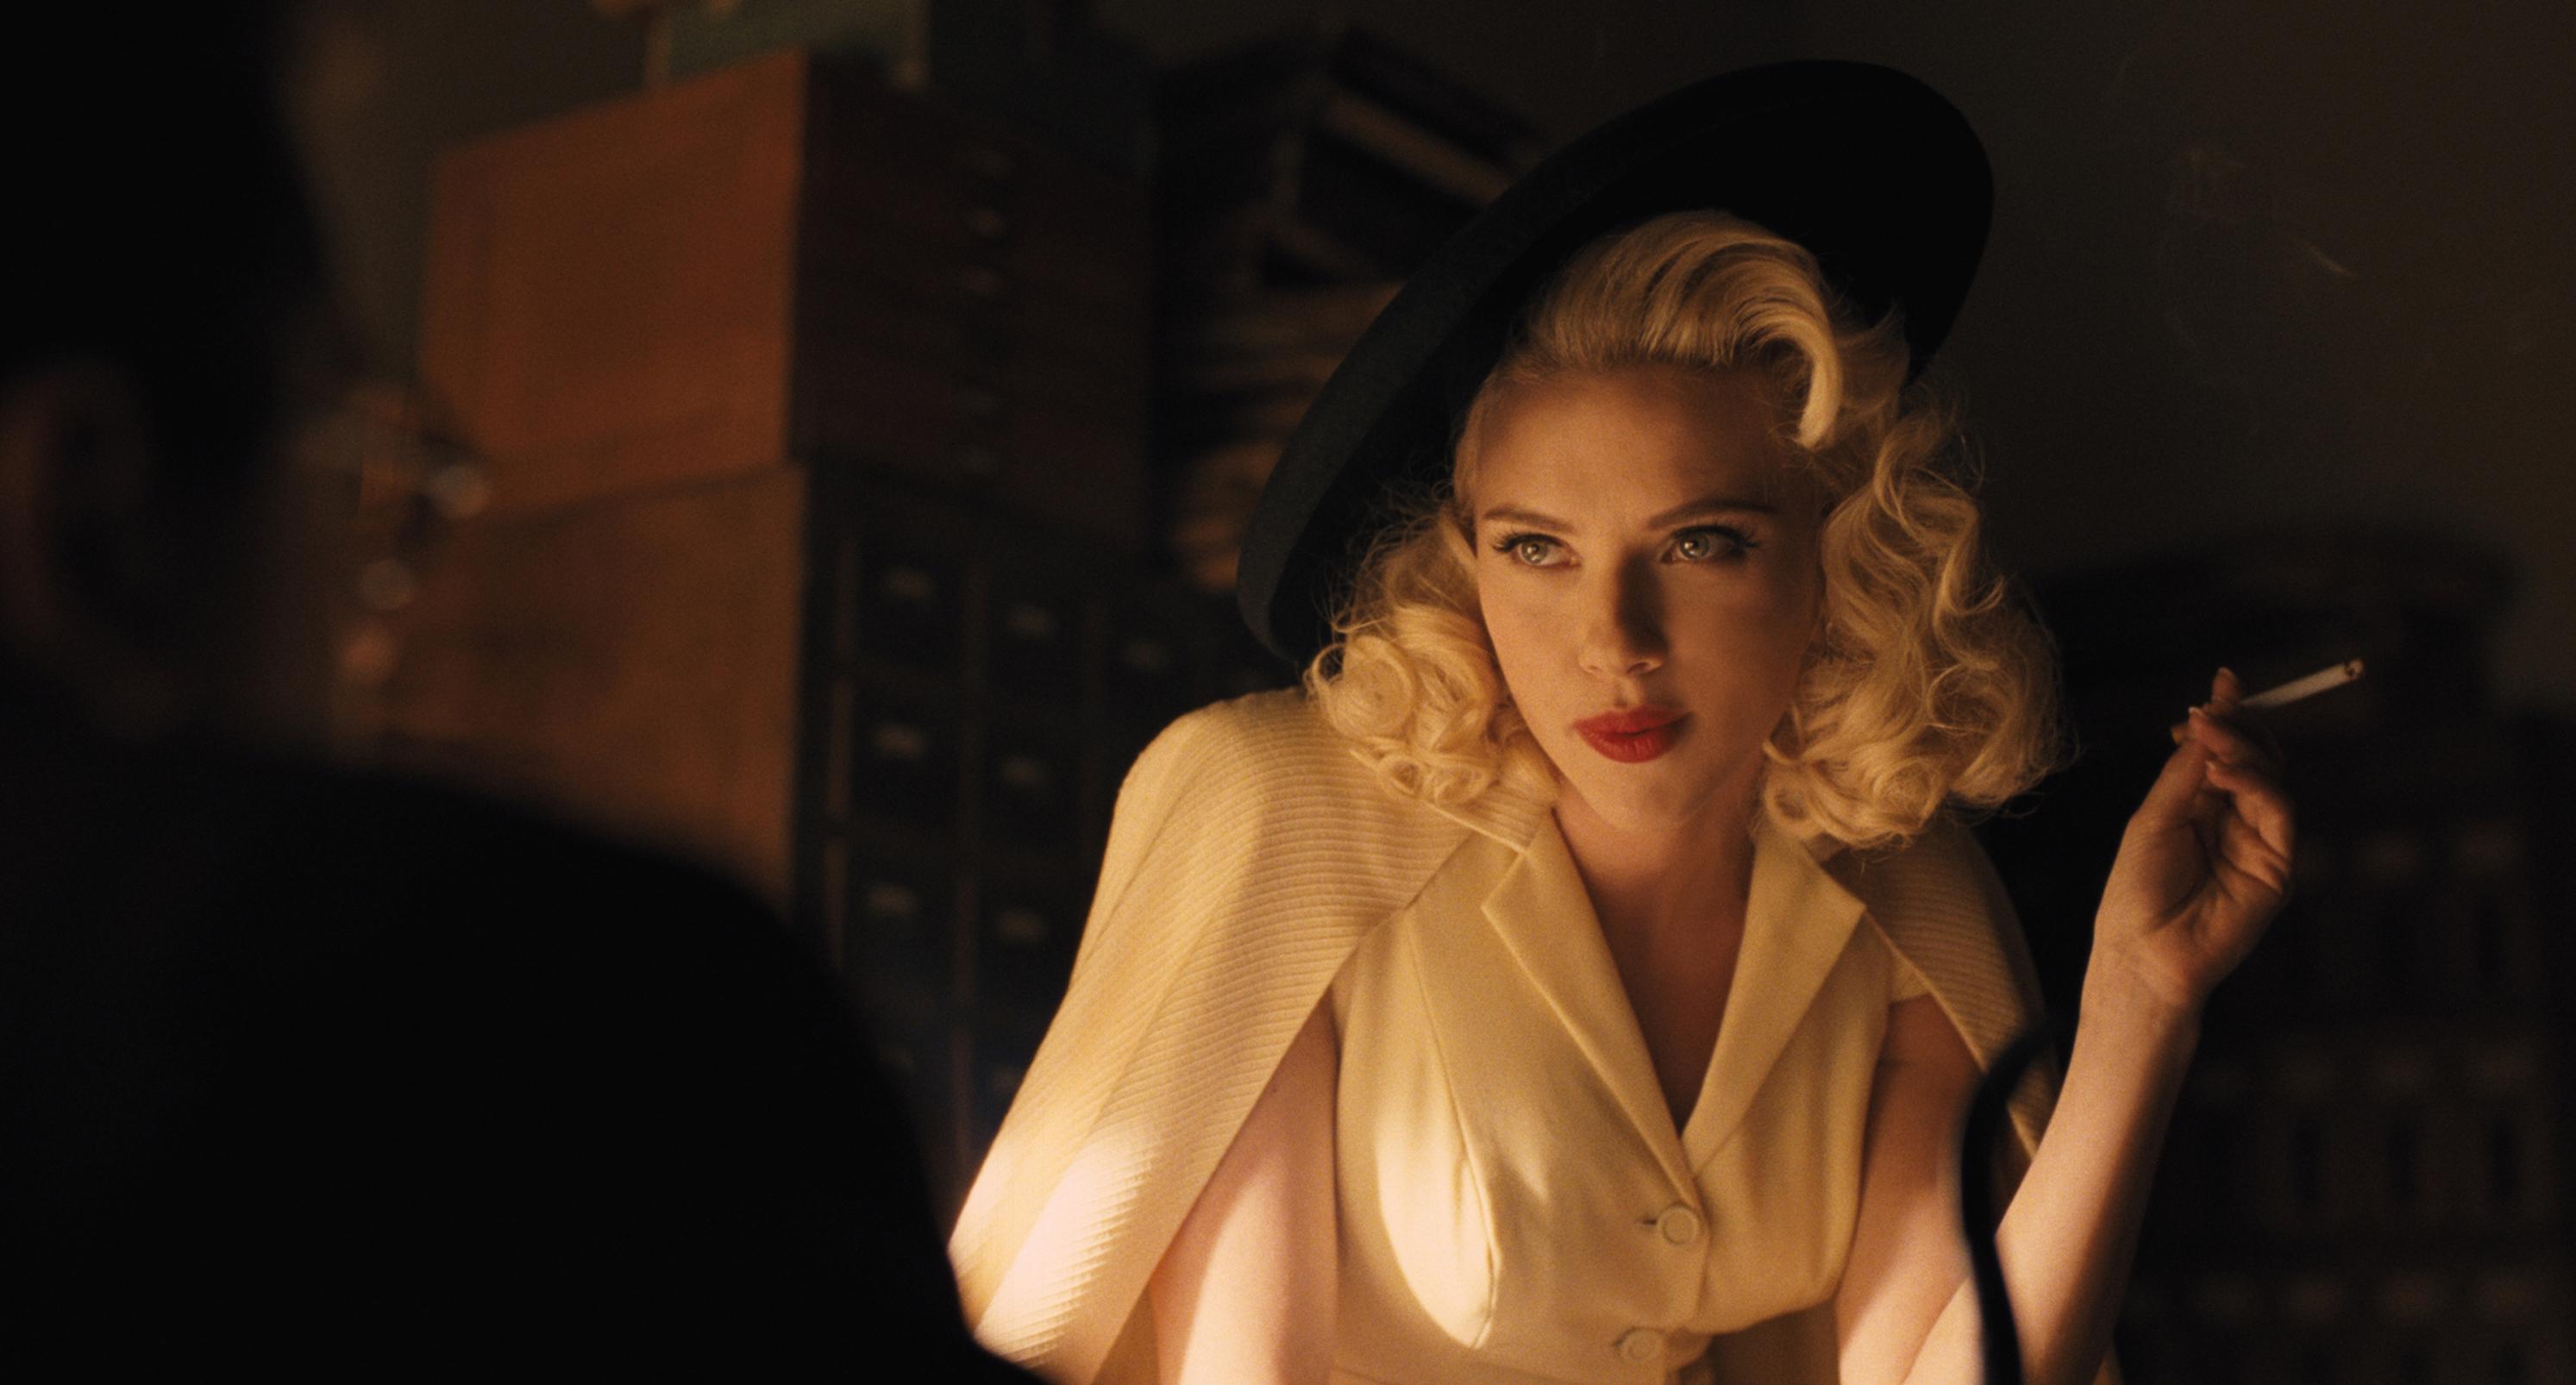 Scarlett Johansson - Hail, Caesar!.jpeg